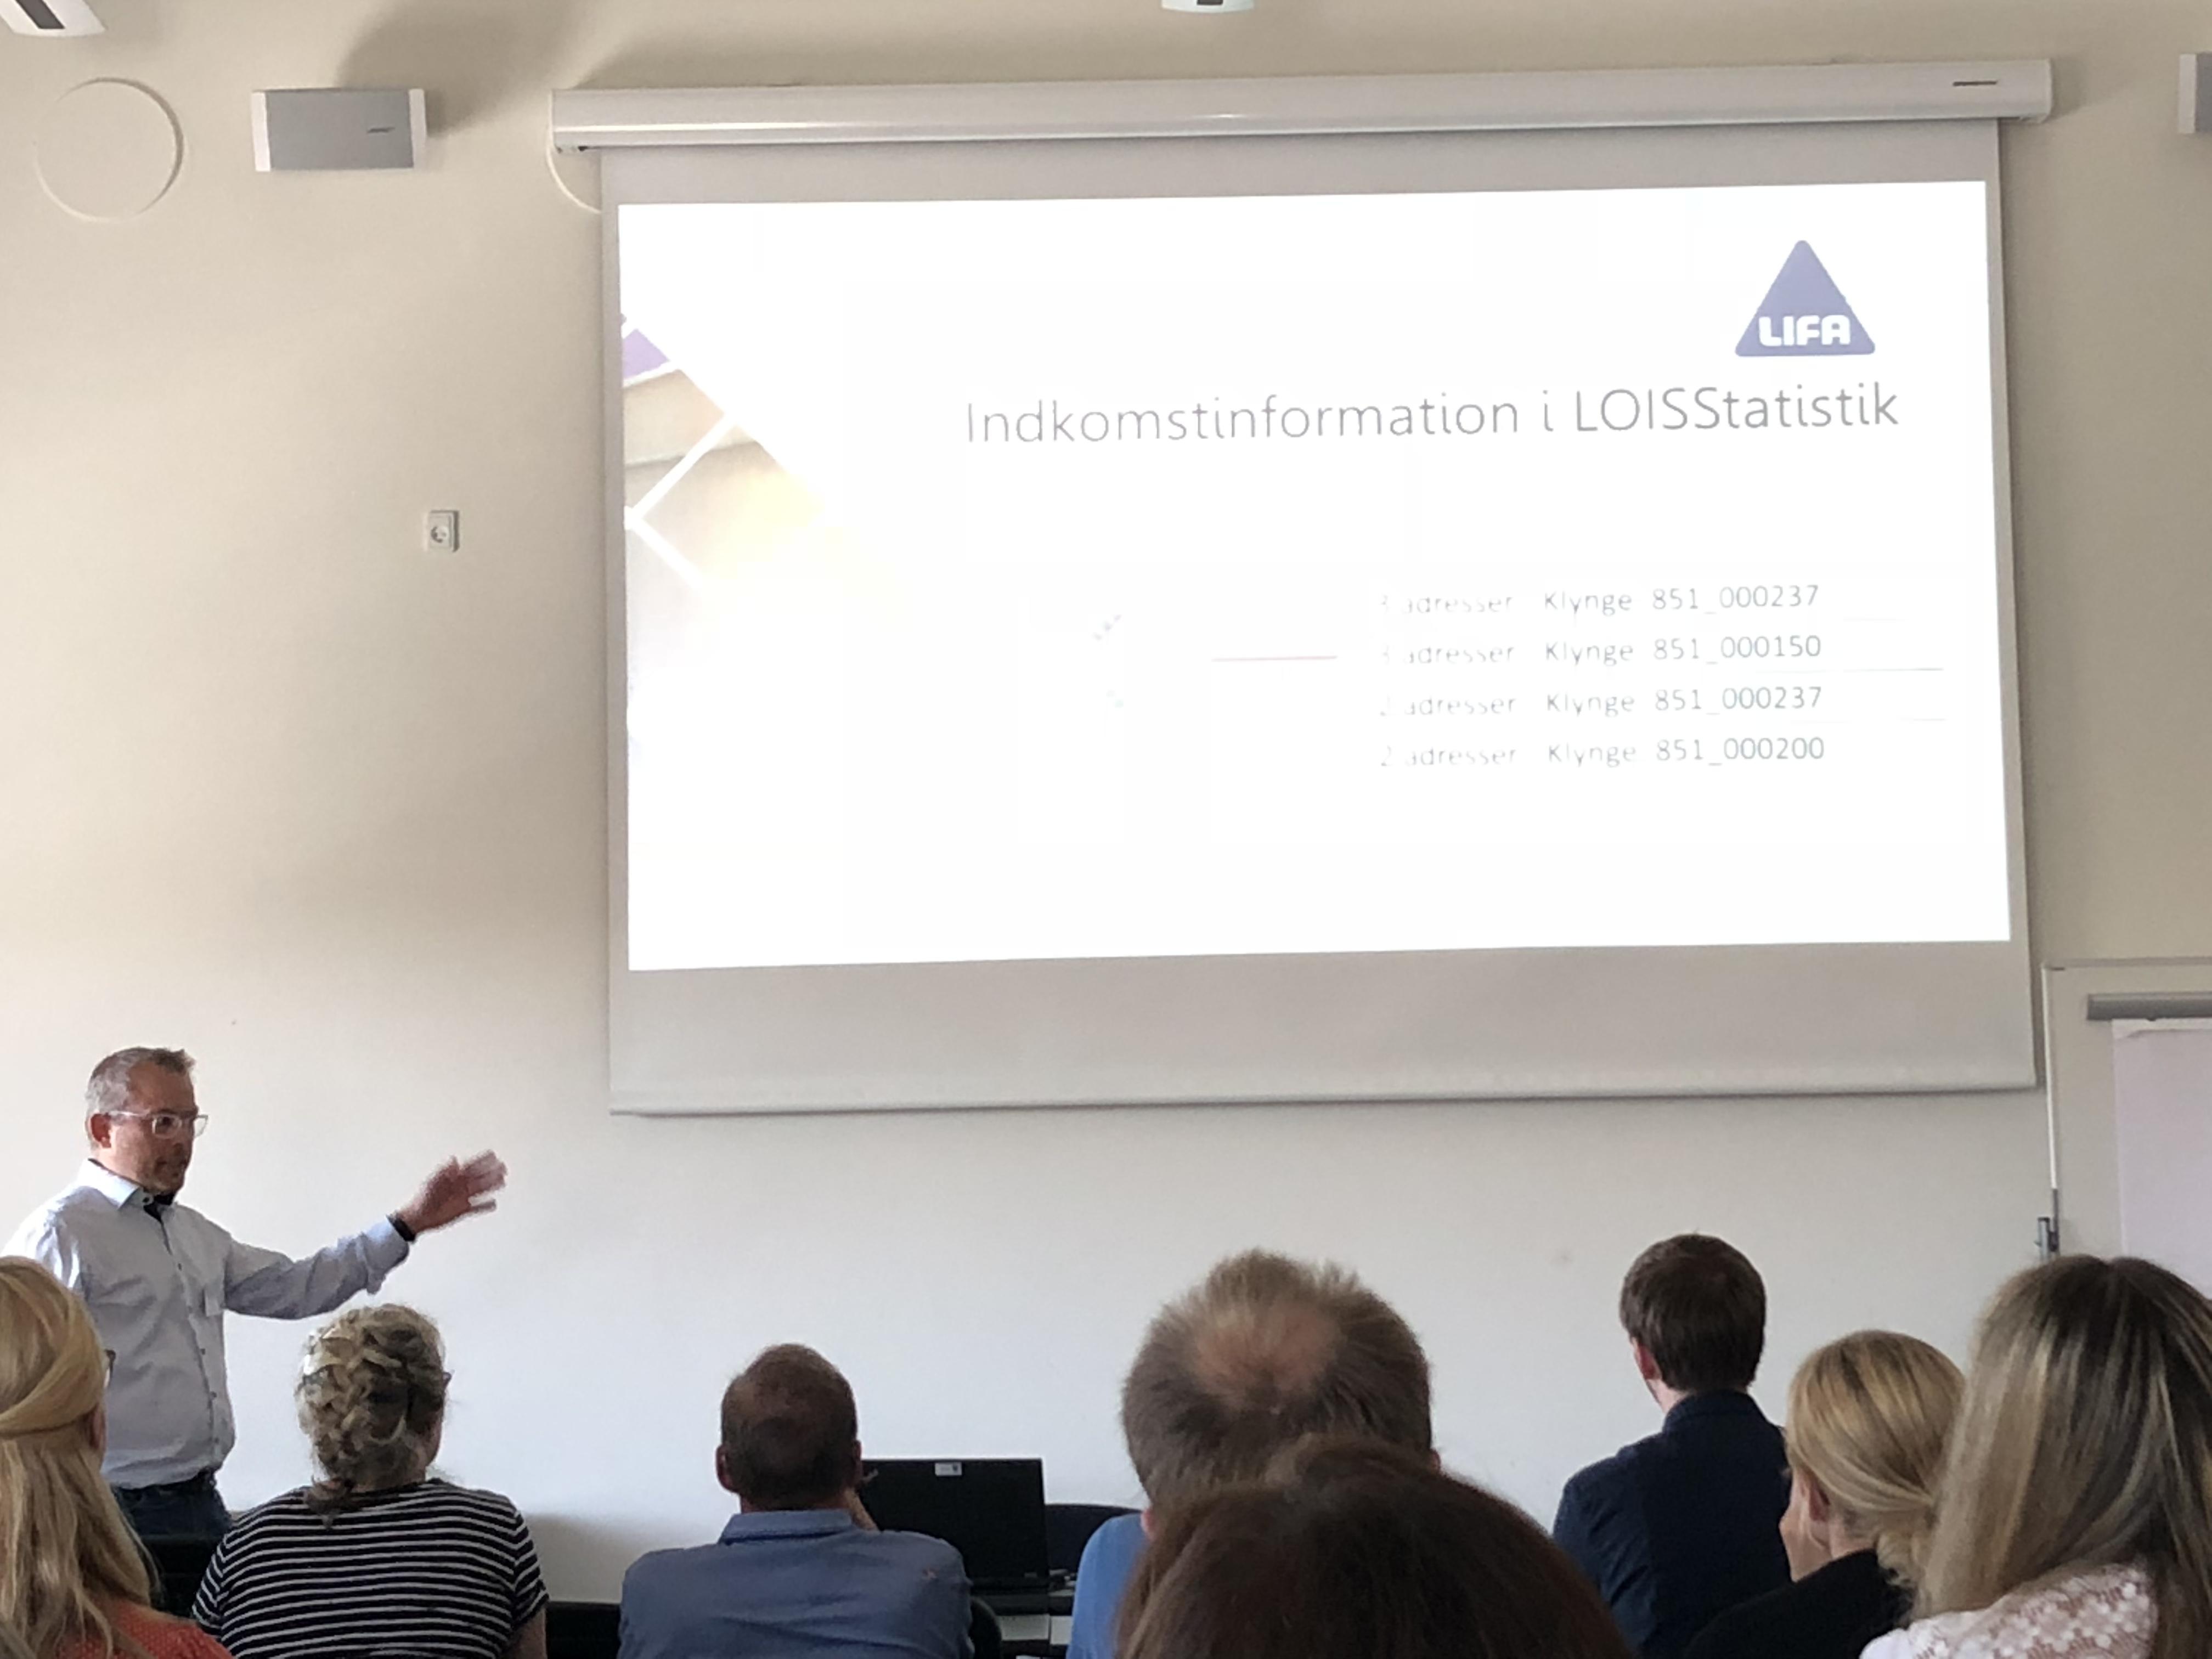 LOIS_Statistik_datamarts_Brugergruppemøde